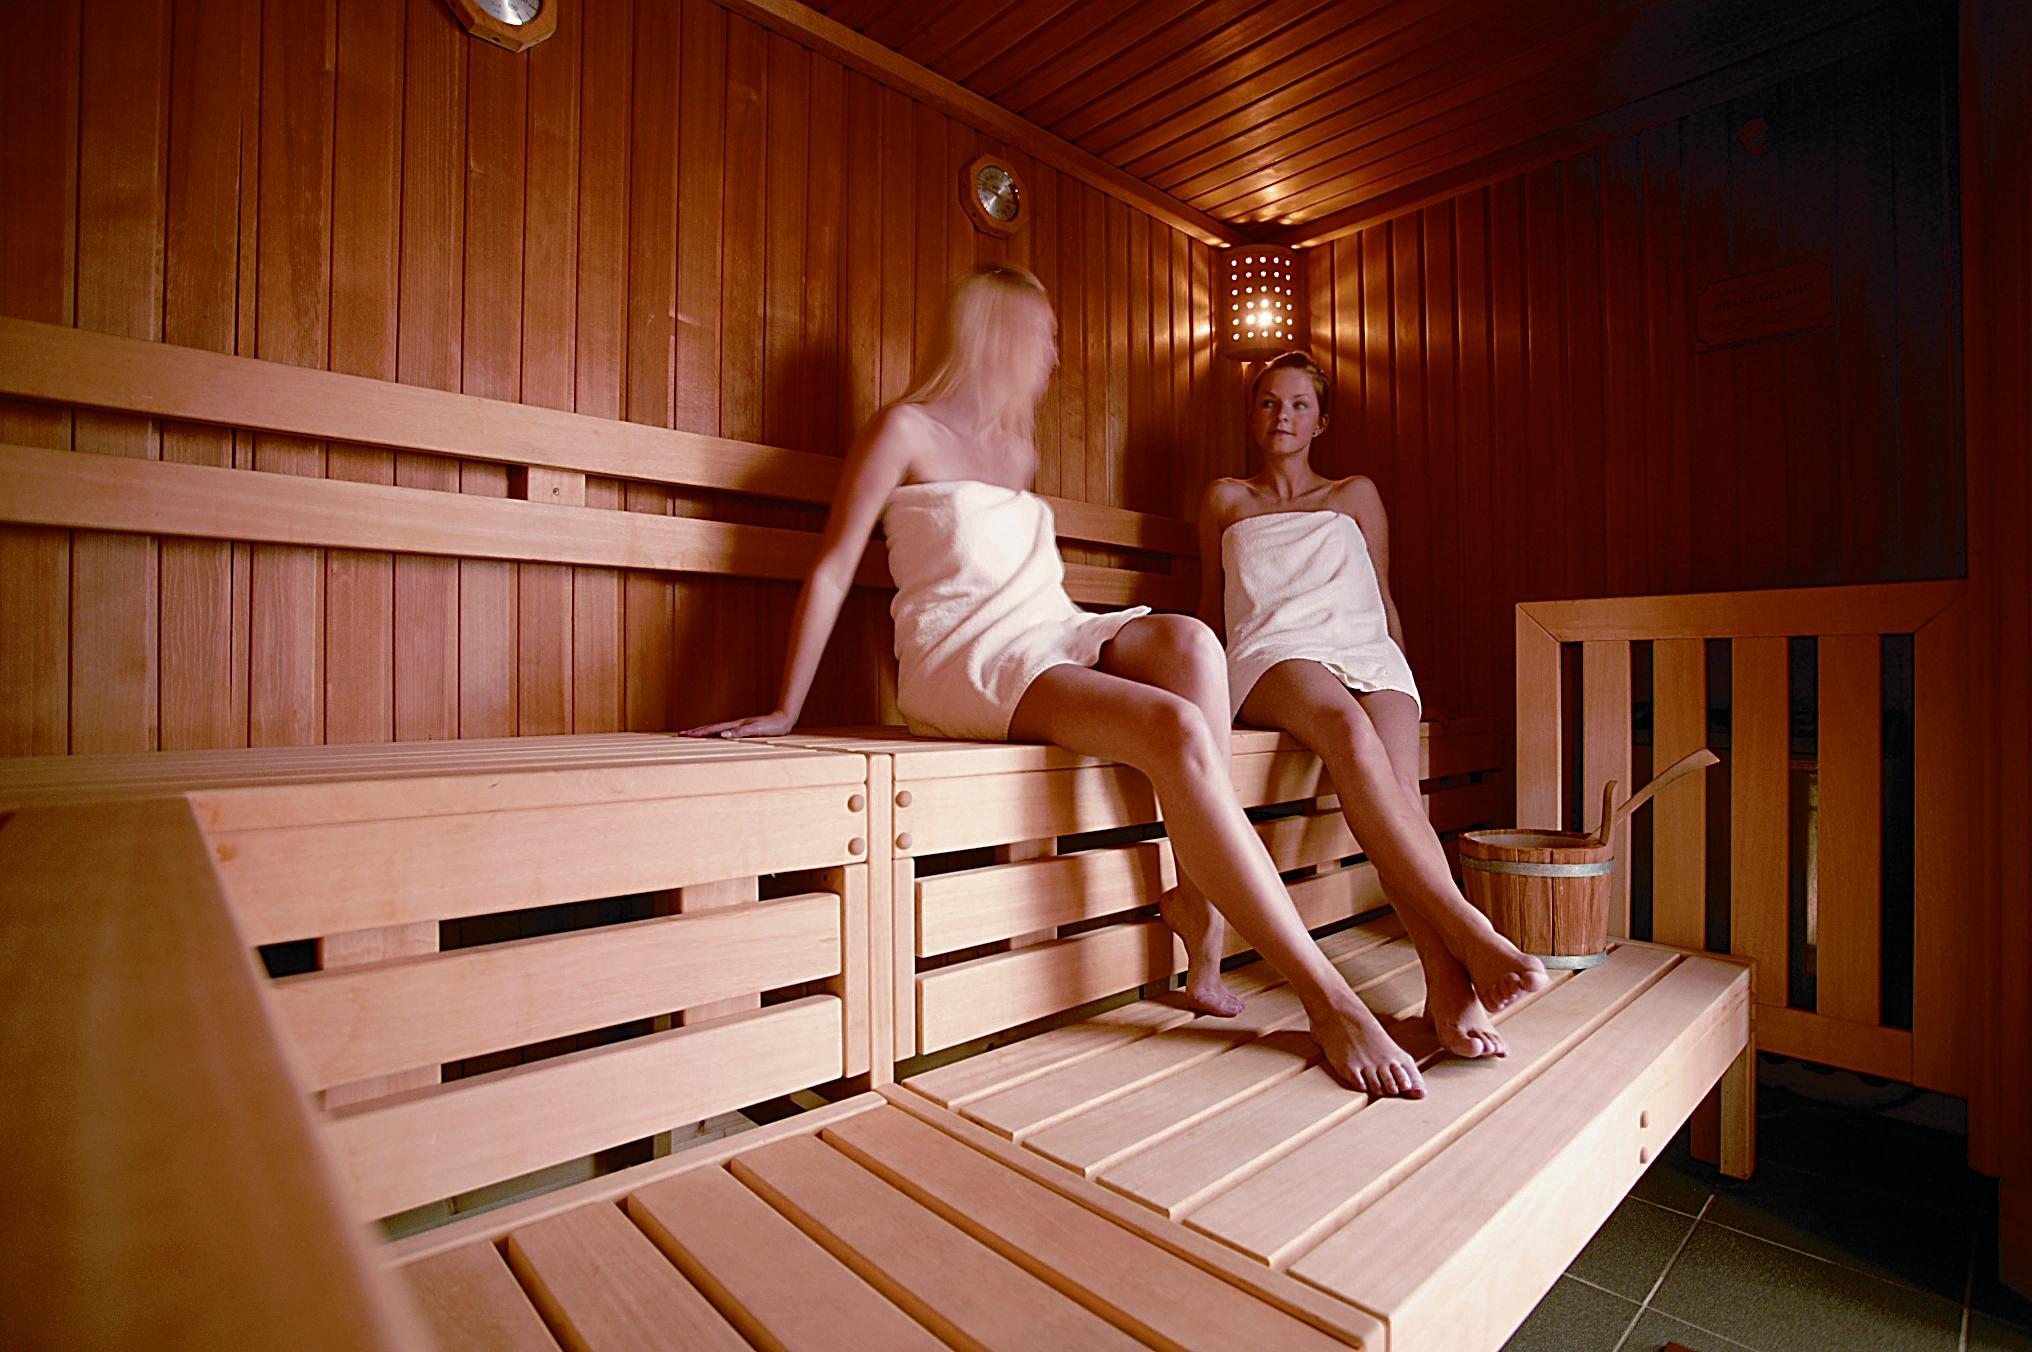 Bild sauna original 211518